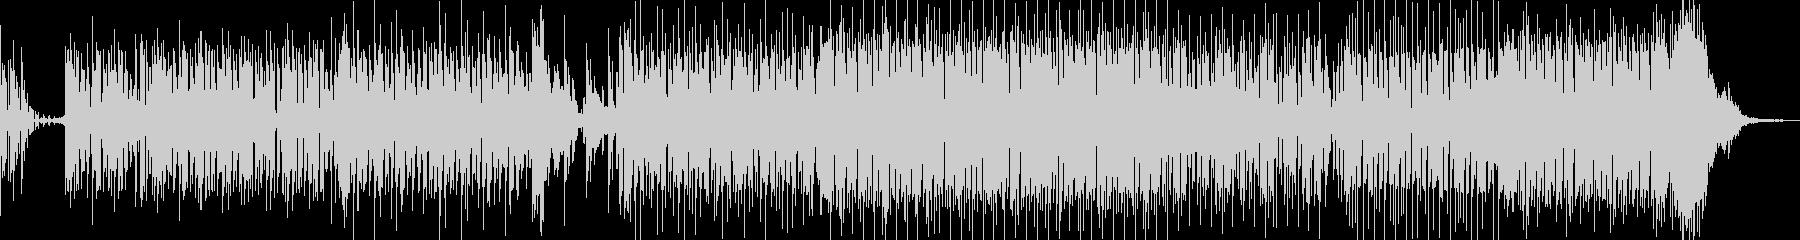 アニメ、クイズ系の軽いBGMの未再生の波形